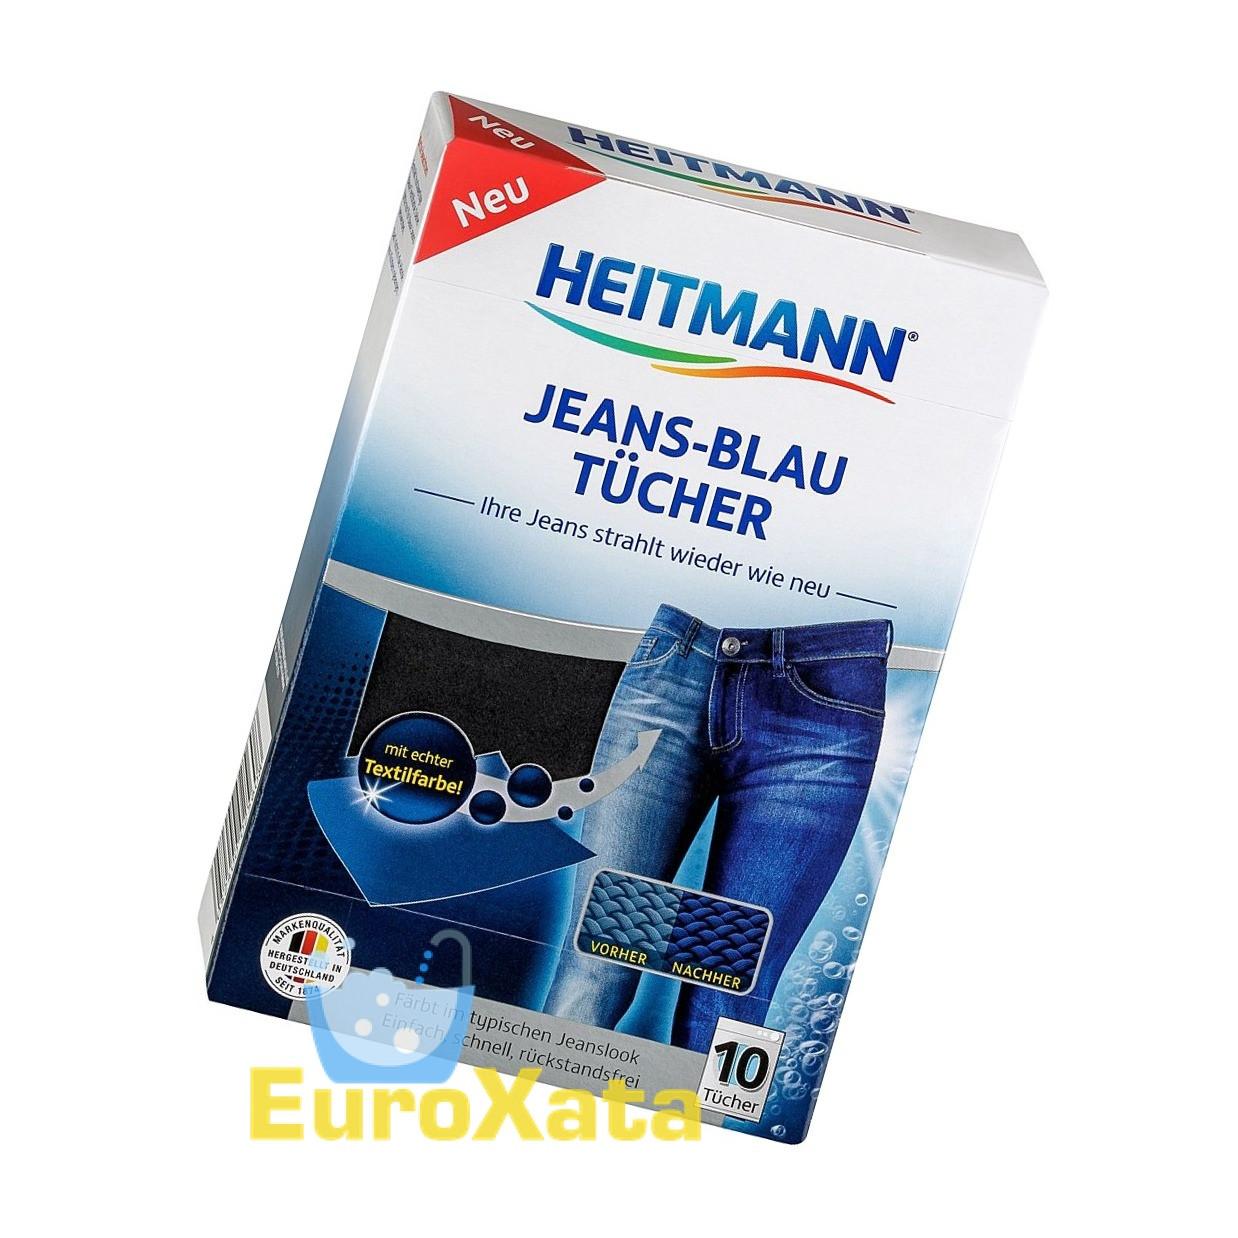 Салфетки для стирки джинсов окрашивающие Heitmann Jeans Blau Tücher  (10 шт) Германия